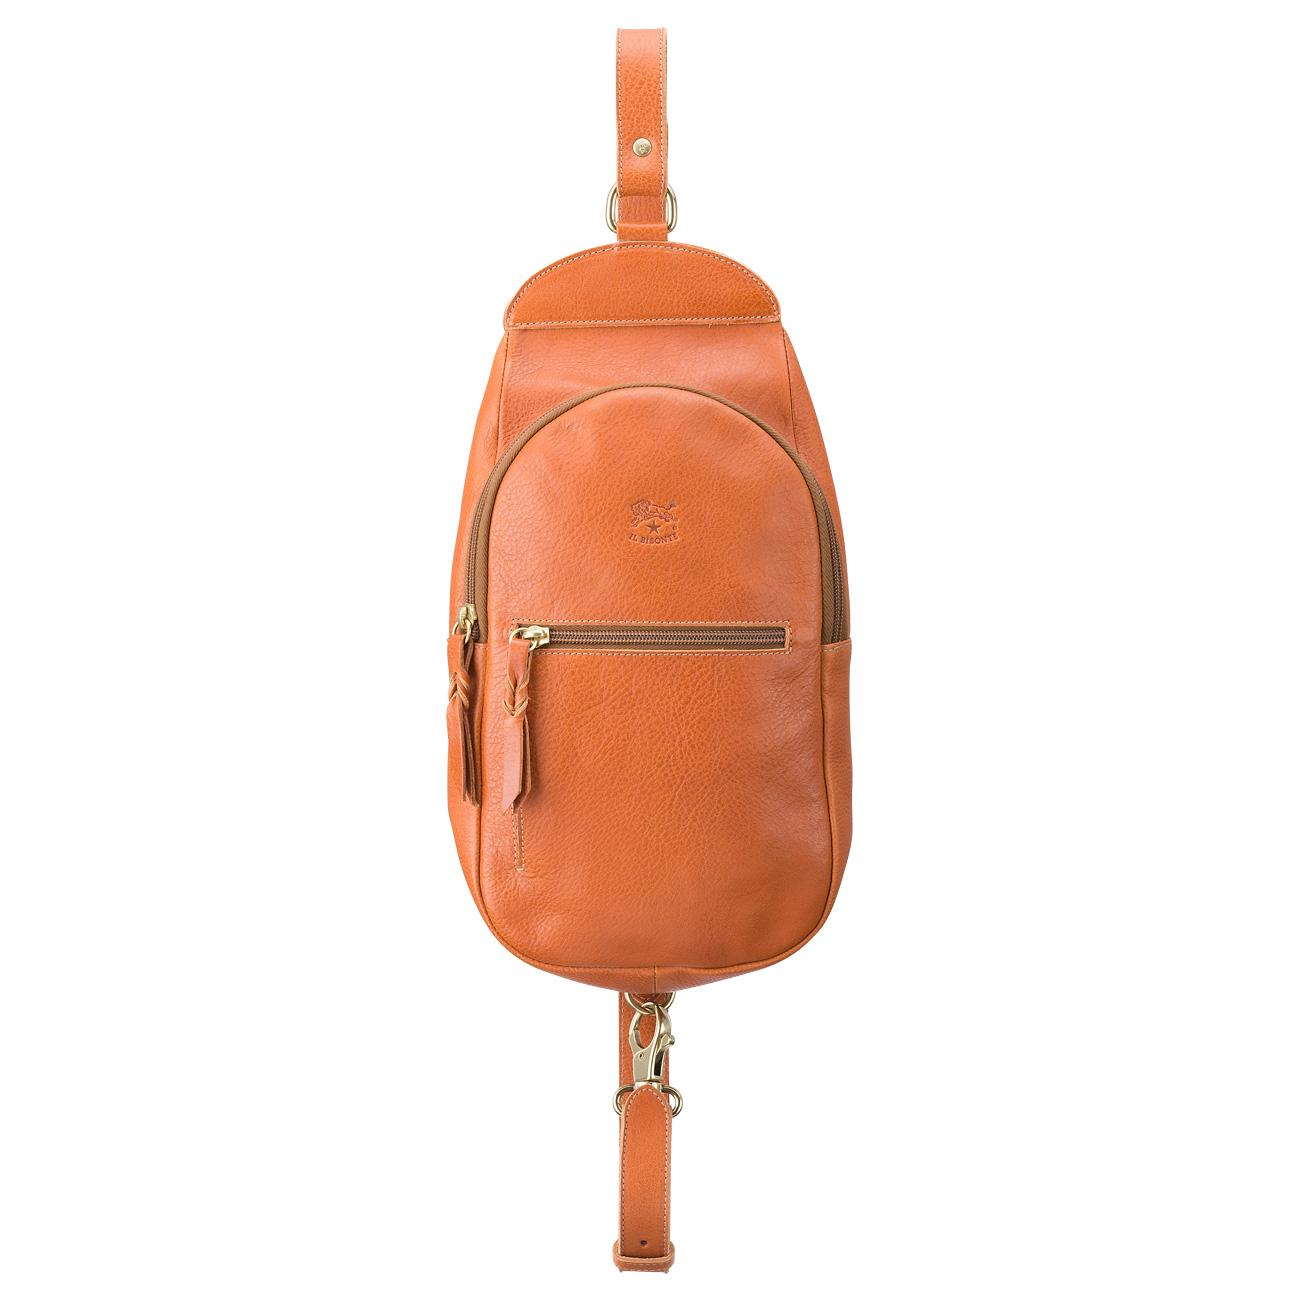 ボディバッグ(イルビゾンテ)Leather Bag